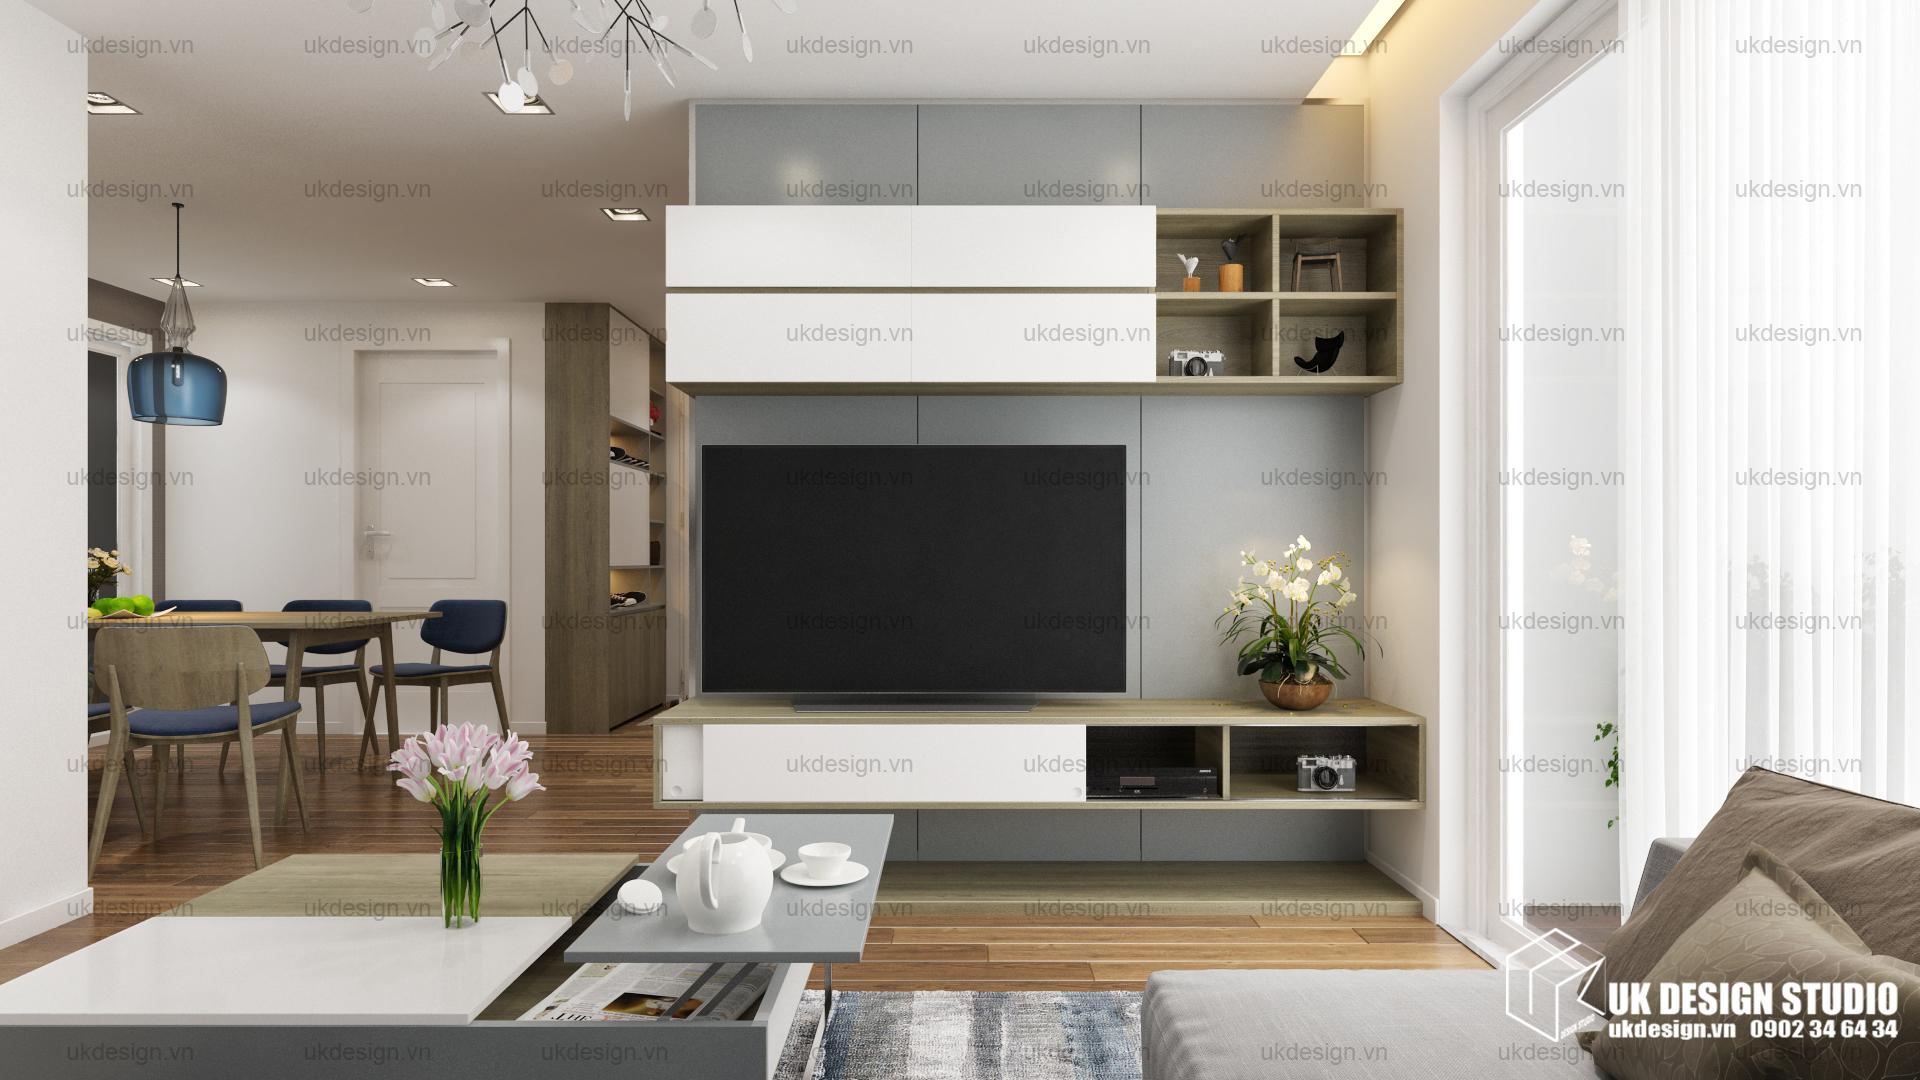 Thiết kế nội thất căn hộ chung cư 2